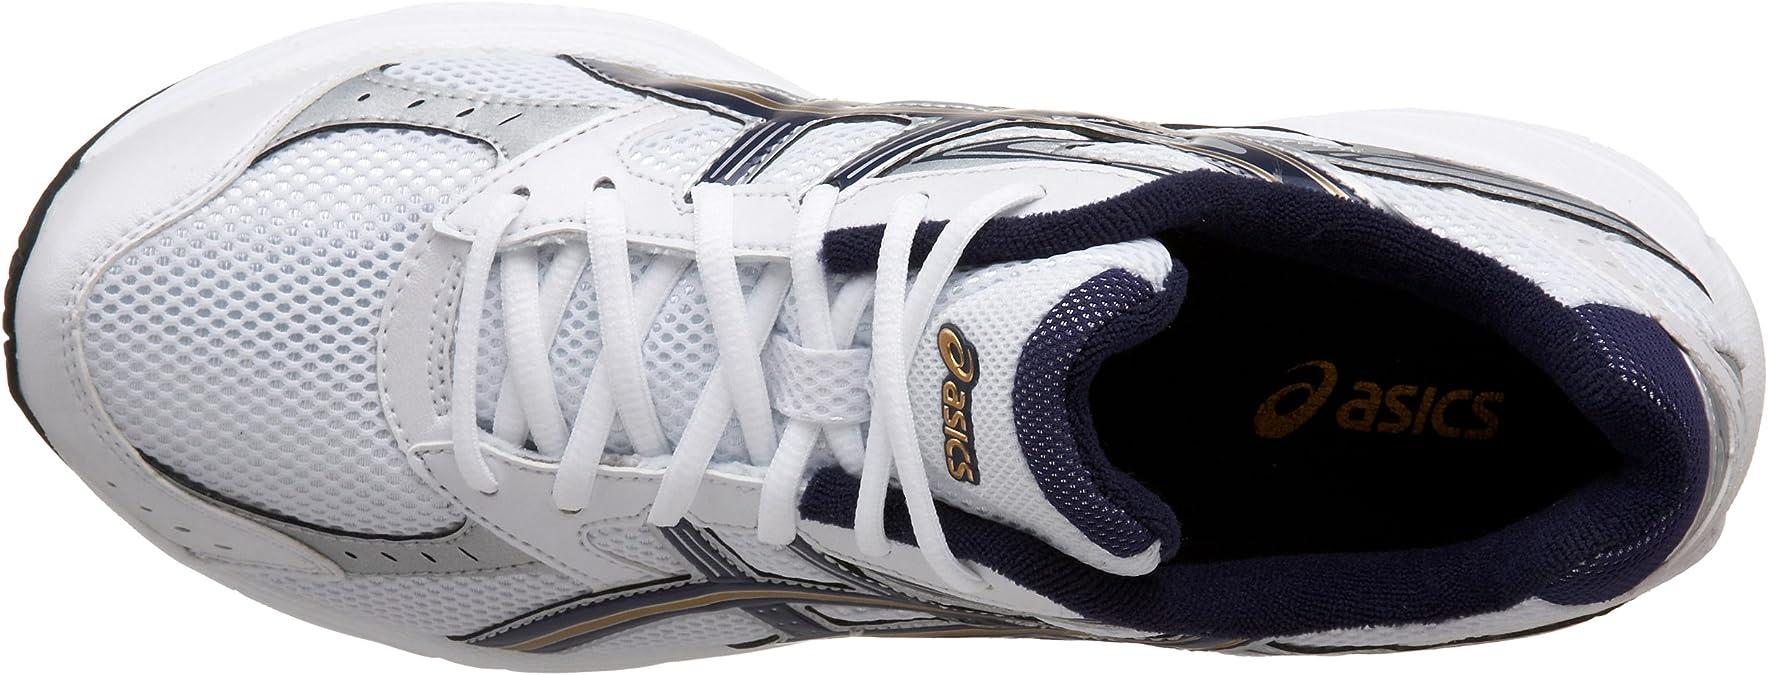 Asics Gel-Strike 2 Zapatilla deportiva: Amazon.es: Zapatos y ...